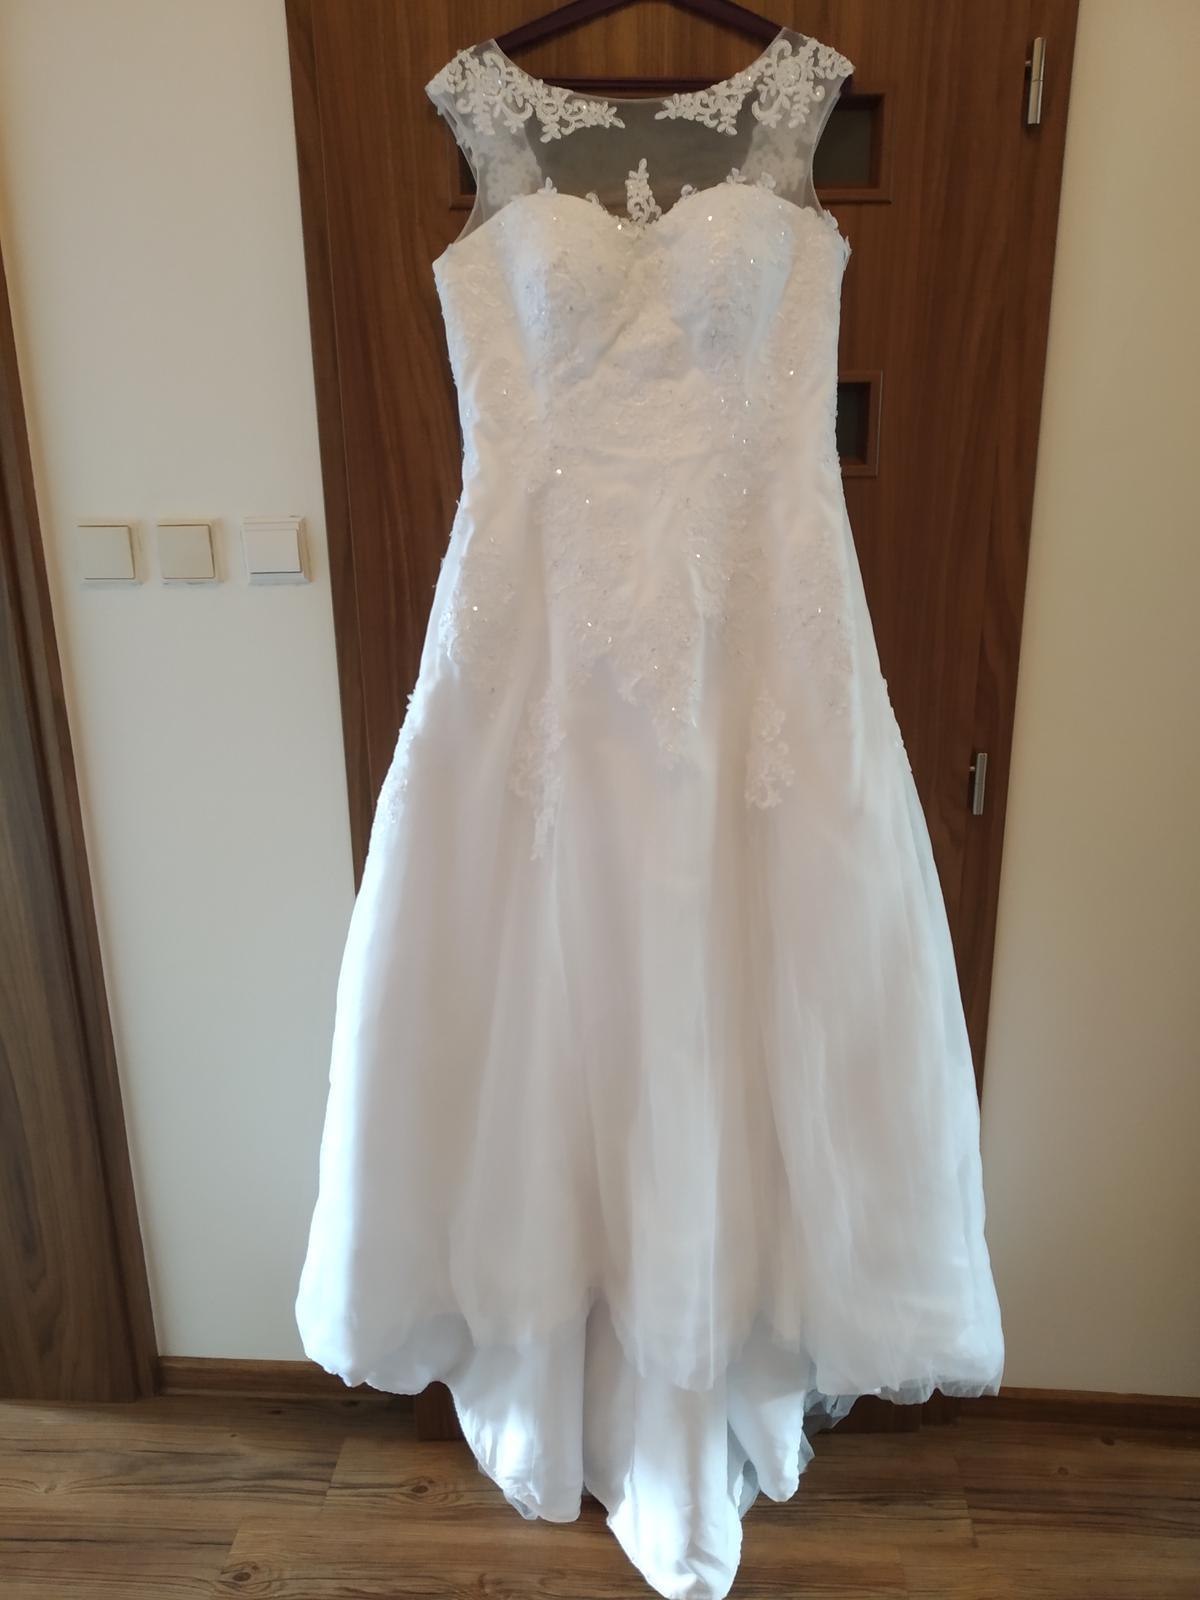 Bílé svatební šaty  - Obrázek č. 4